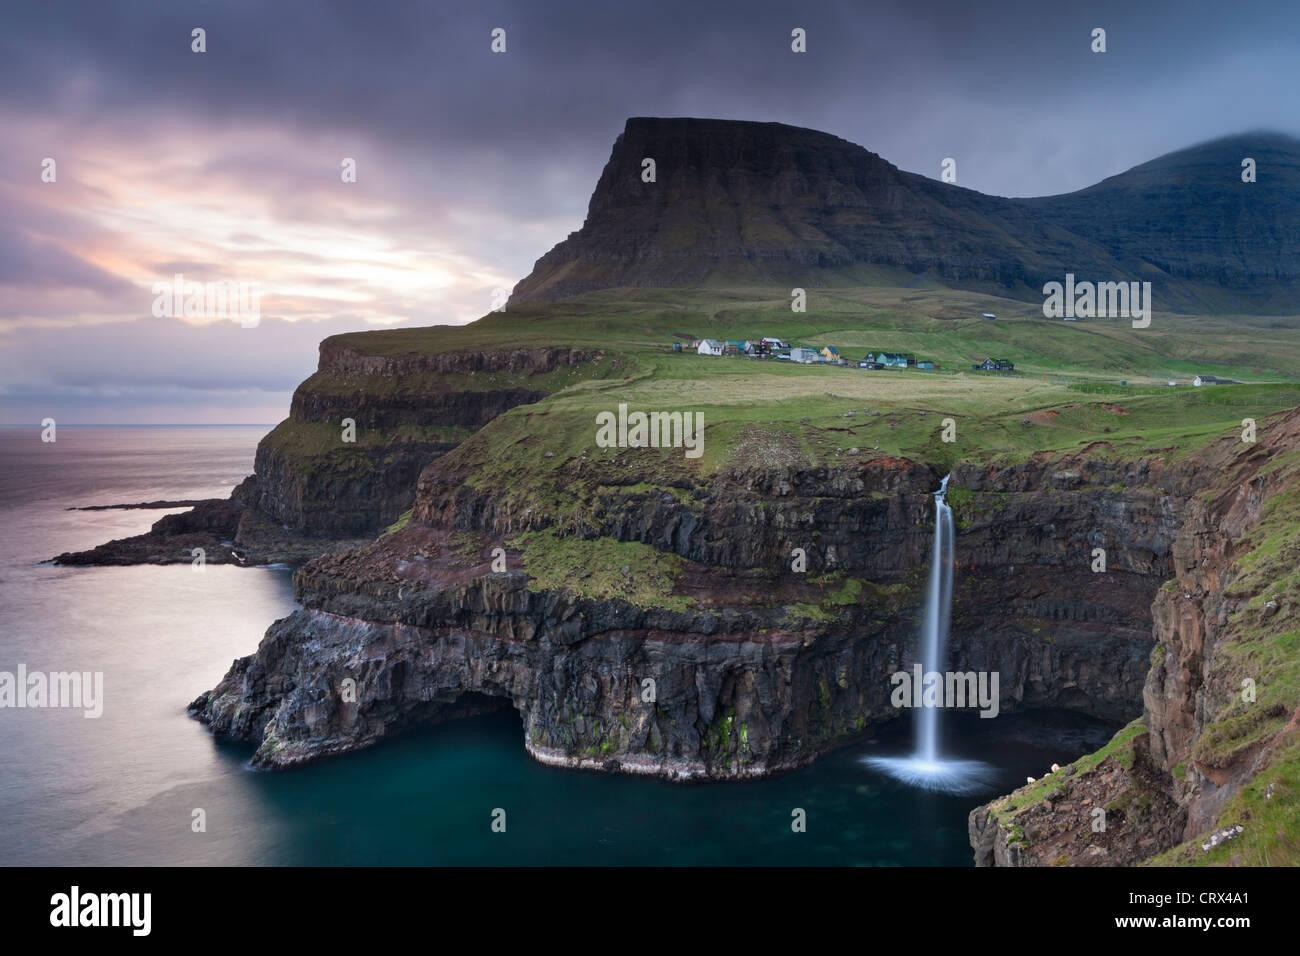 Paysage côtier spectaculaire à Gasadalur sur l'île de Vagar et, Îles Féroé. Printemps Photo Stock